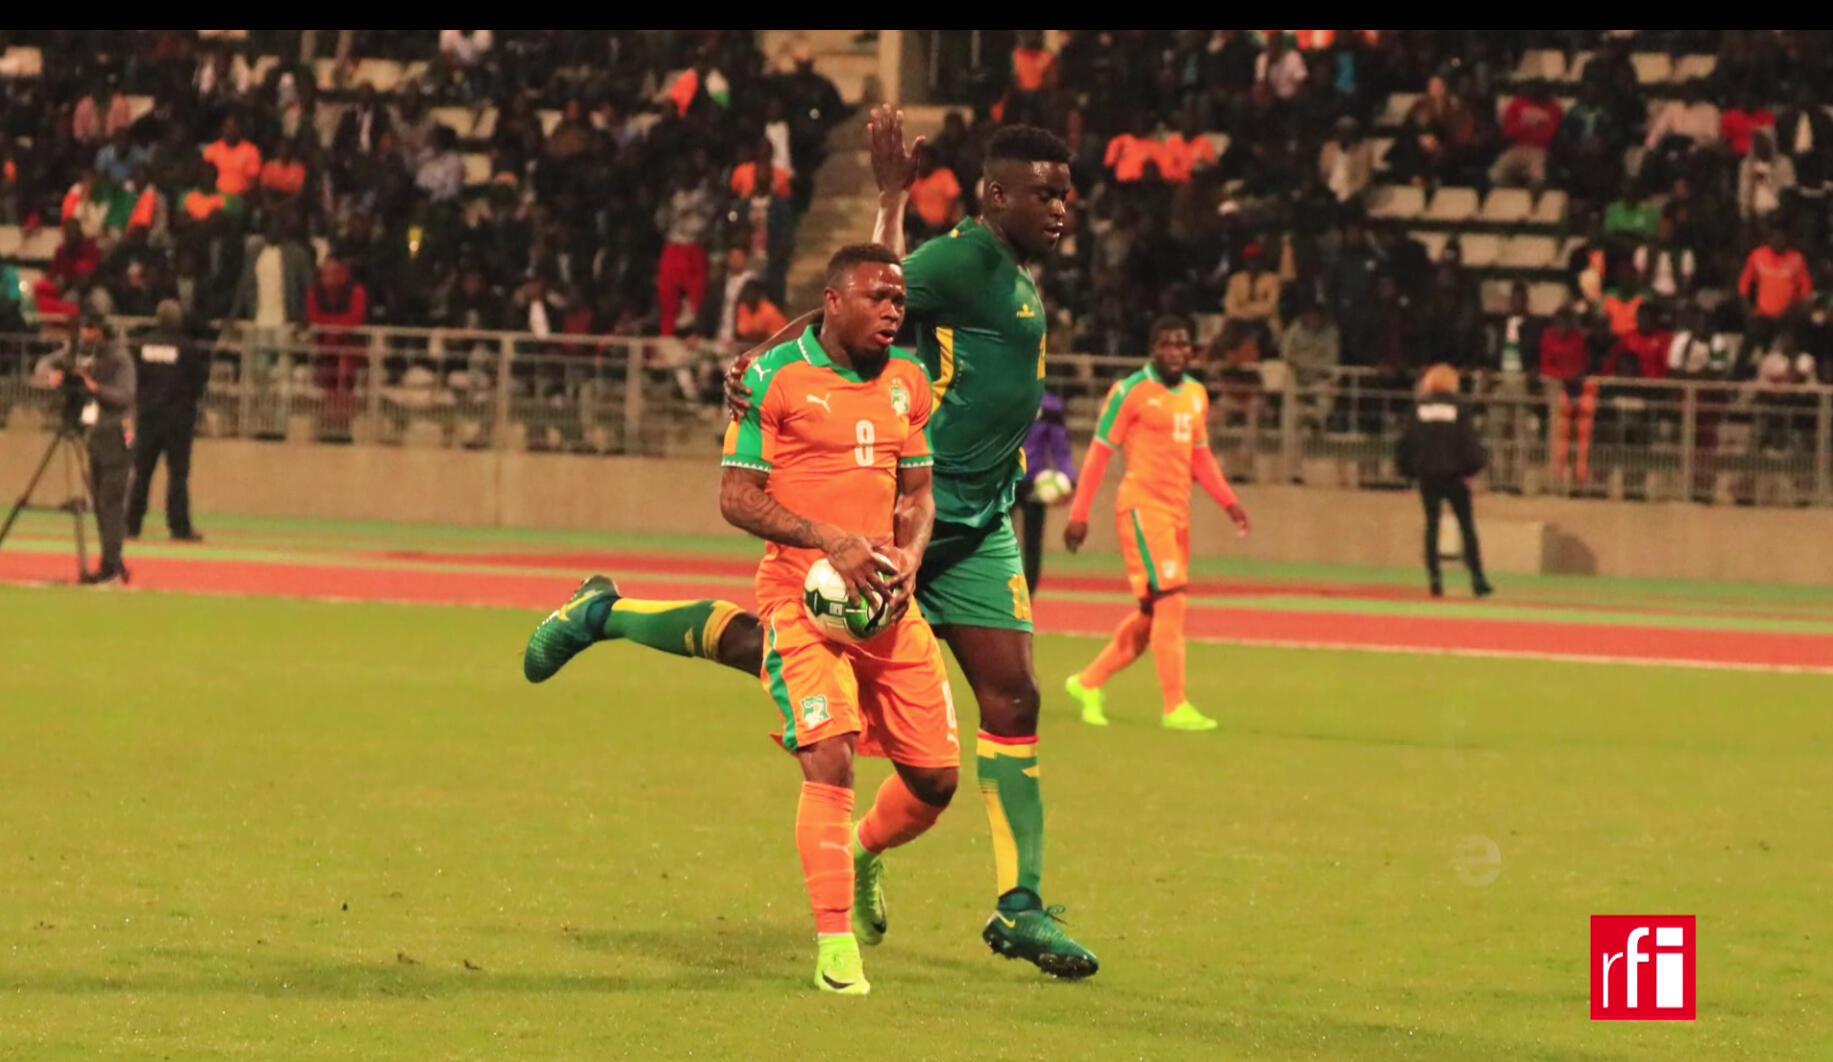 Le match Sénégal-Côte d'Ivoire au stade Charléty à Paris.